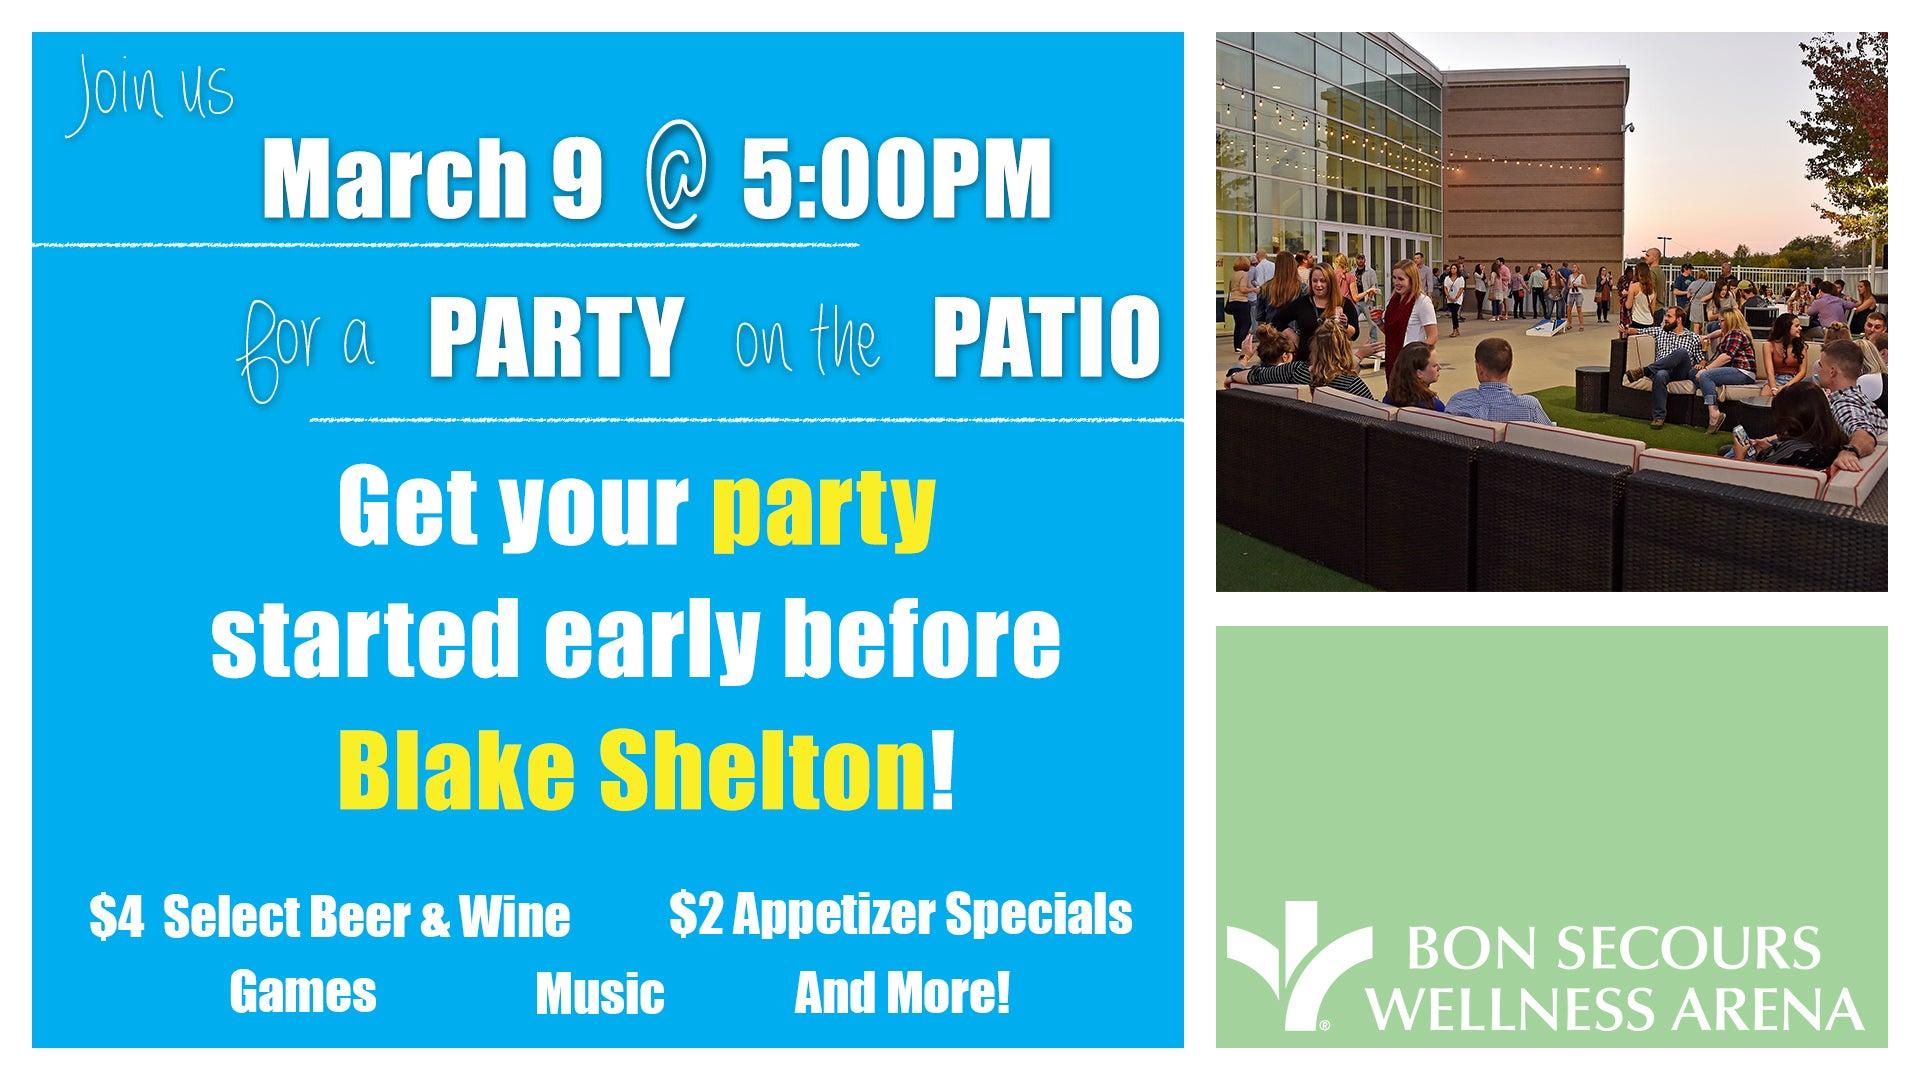 Blake Shelton Patio Party Bon Secours Wellness Arena